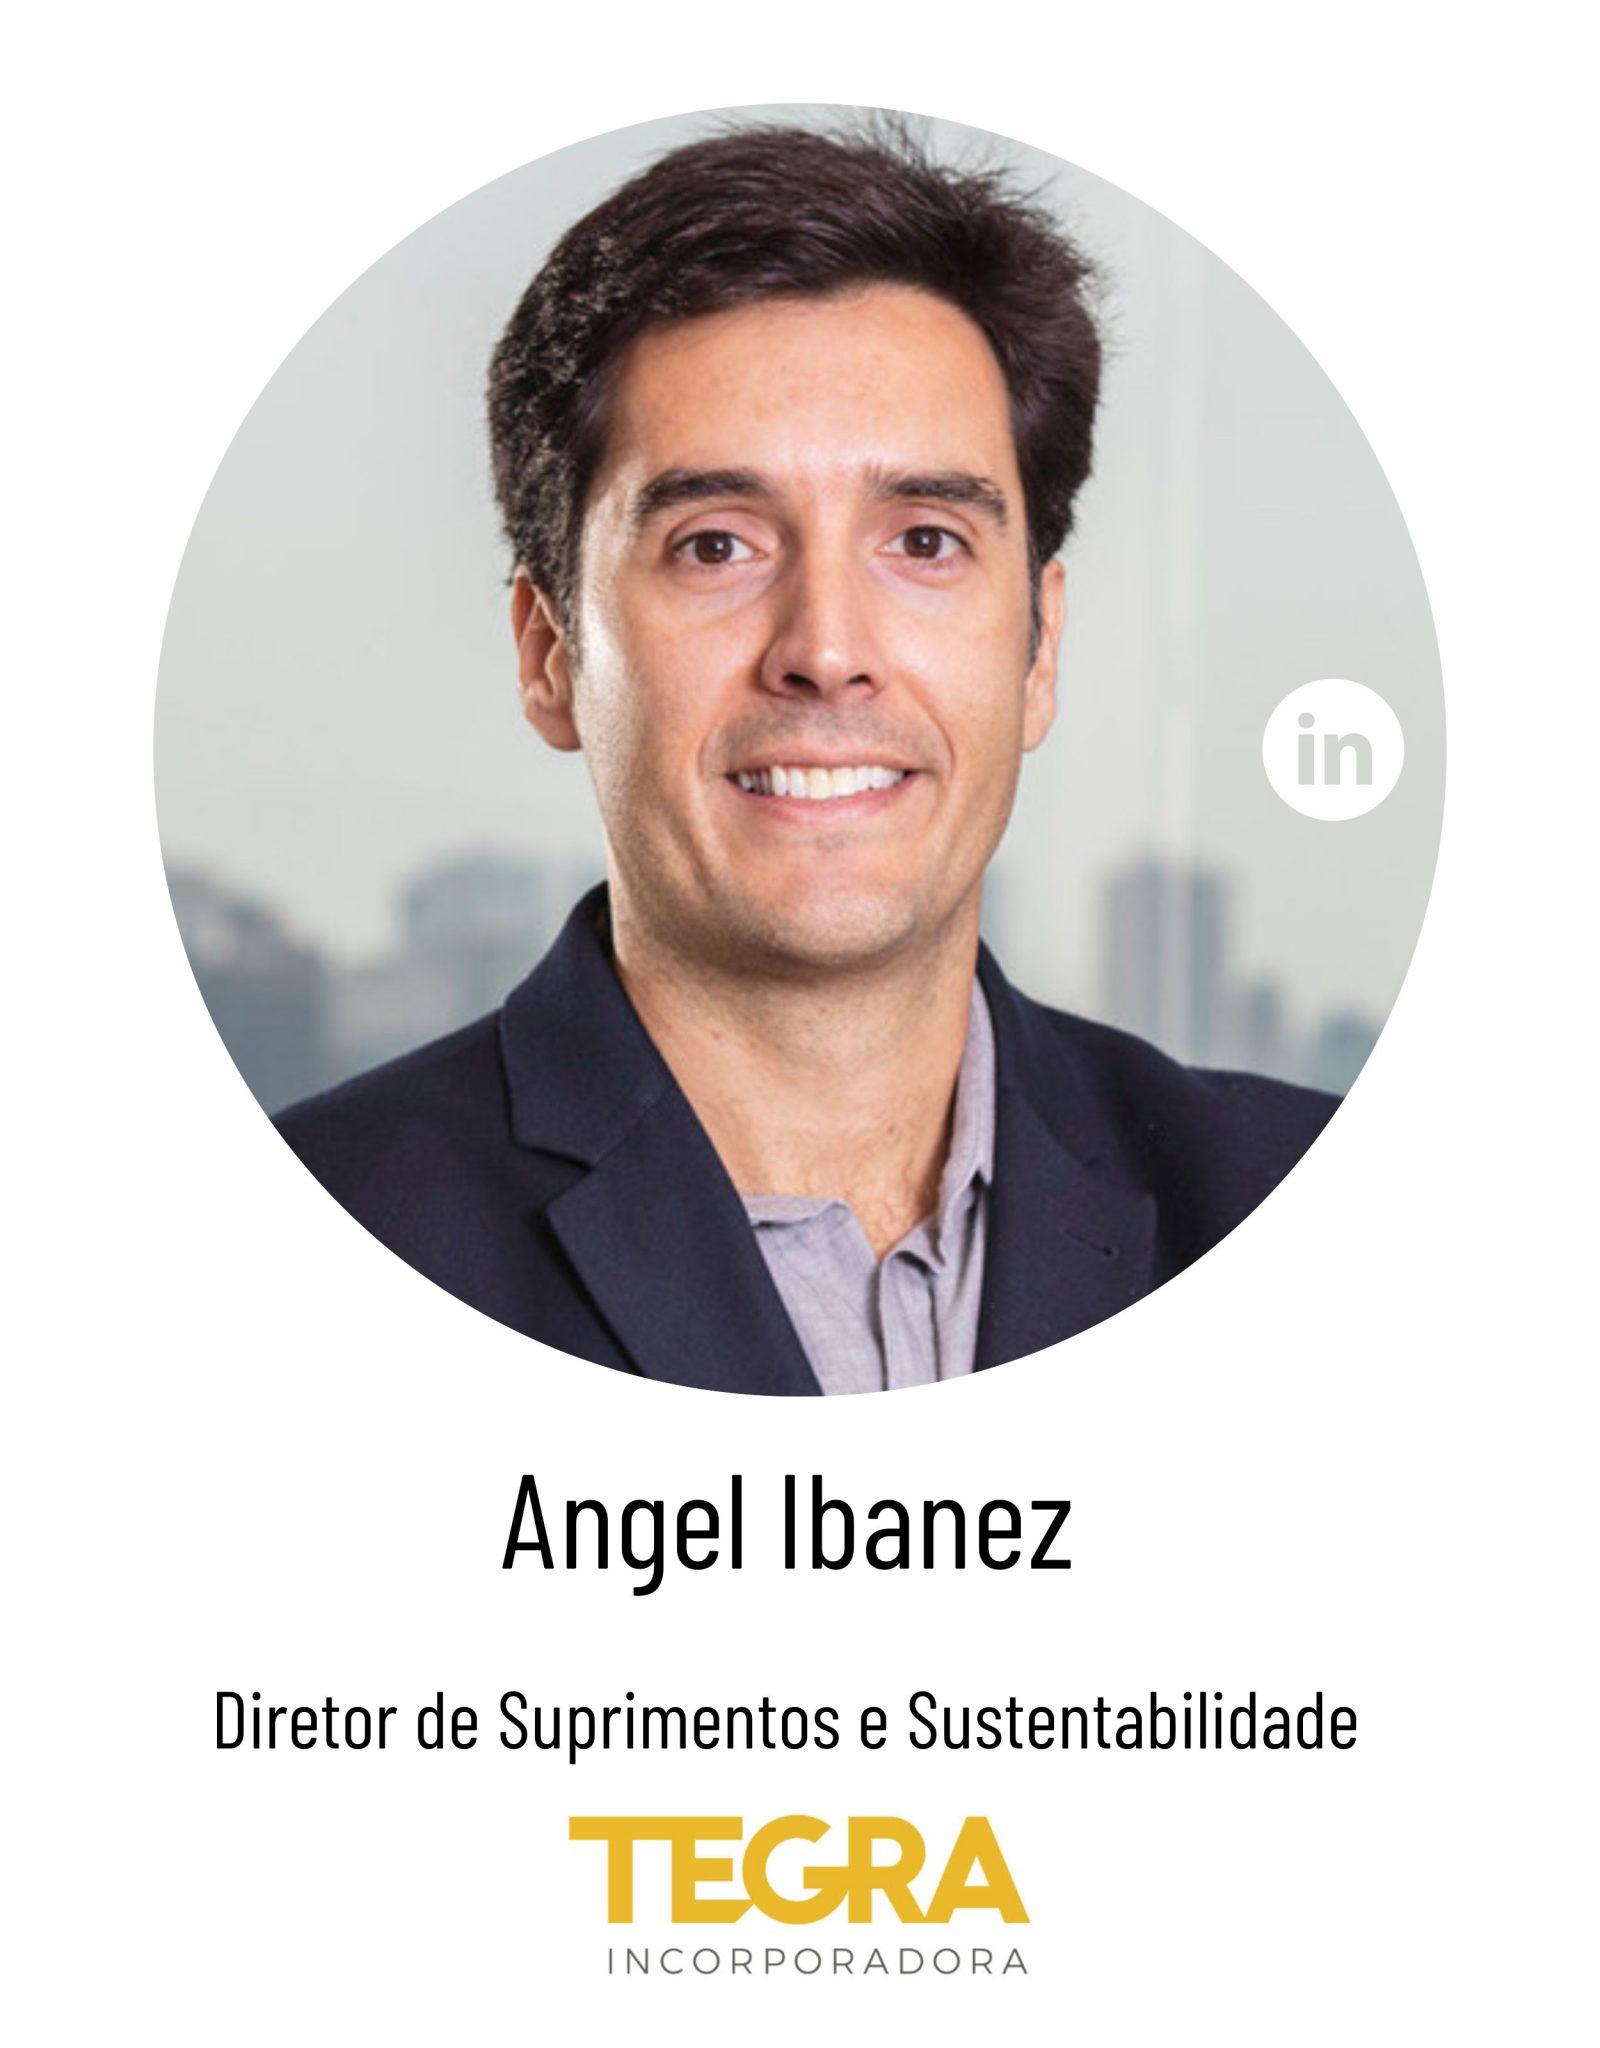 Angel Ibanez